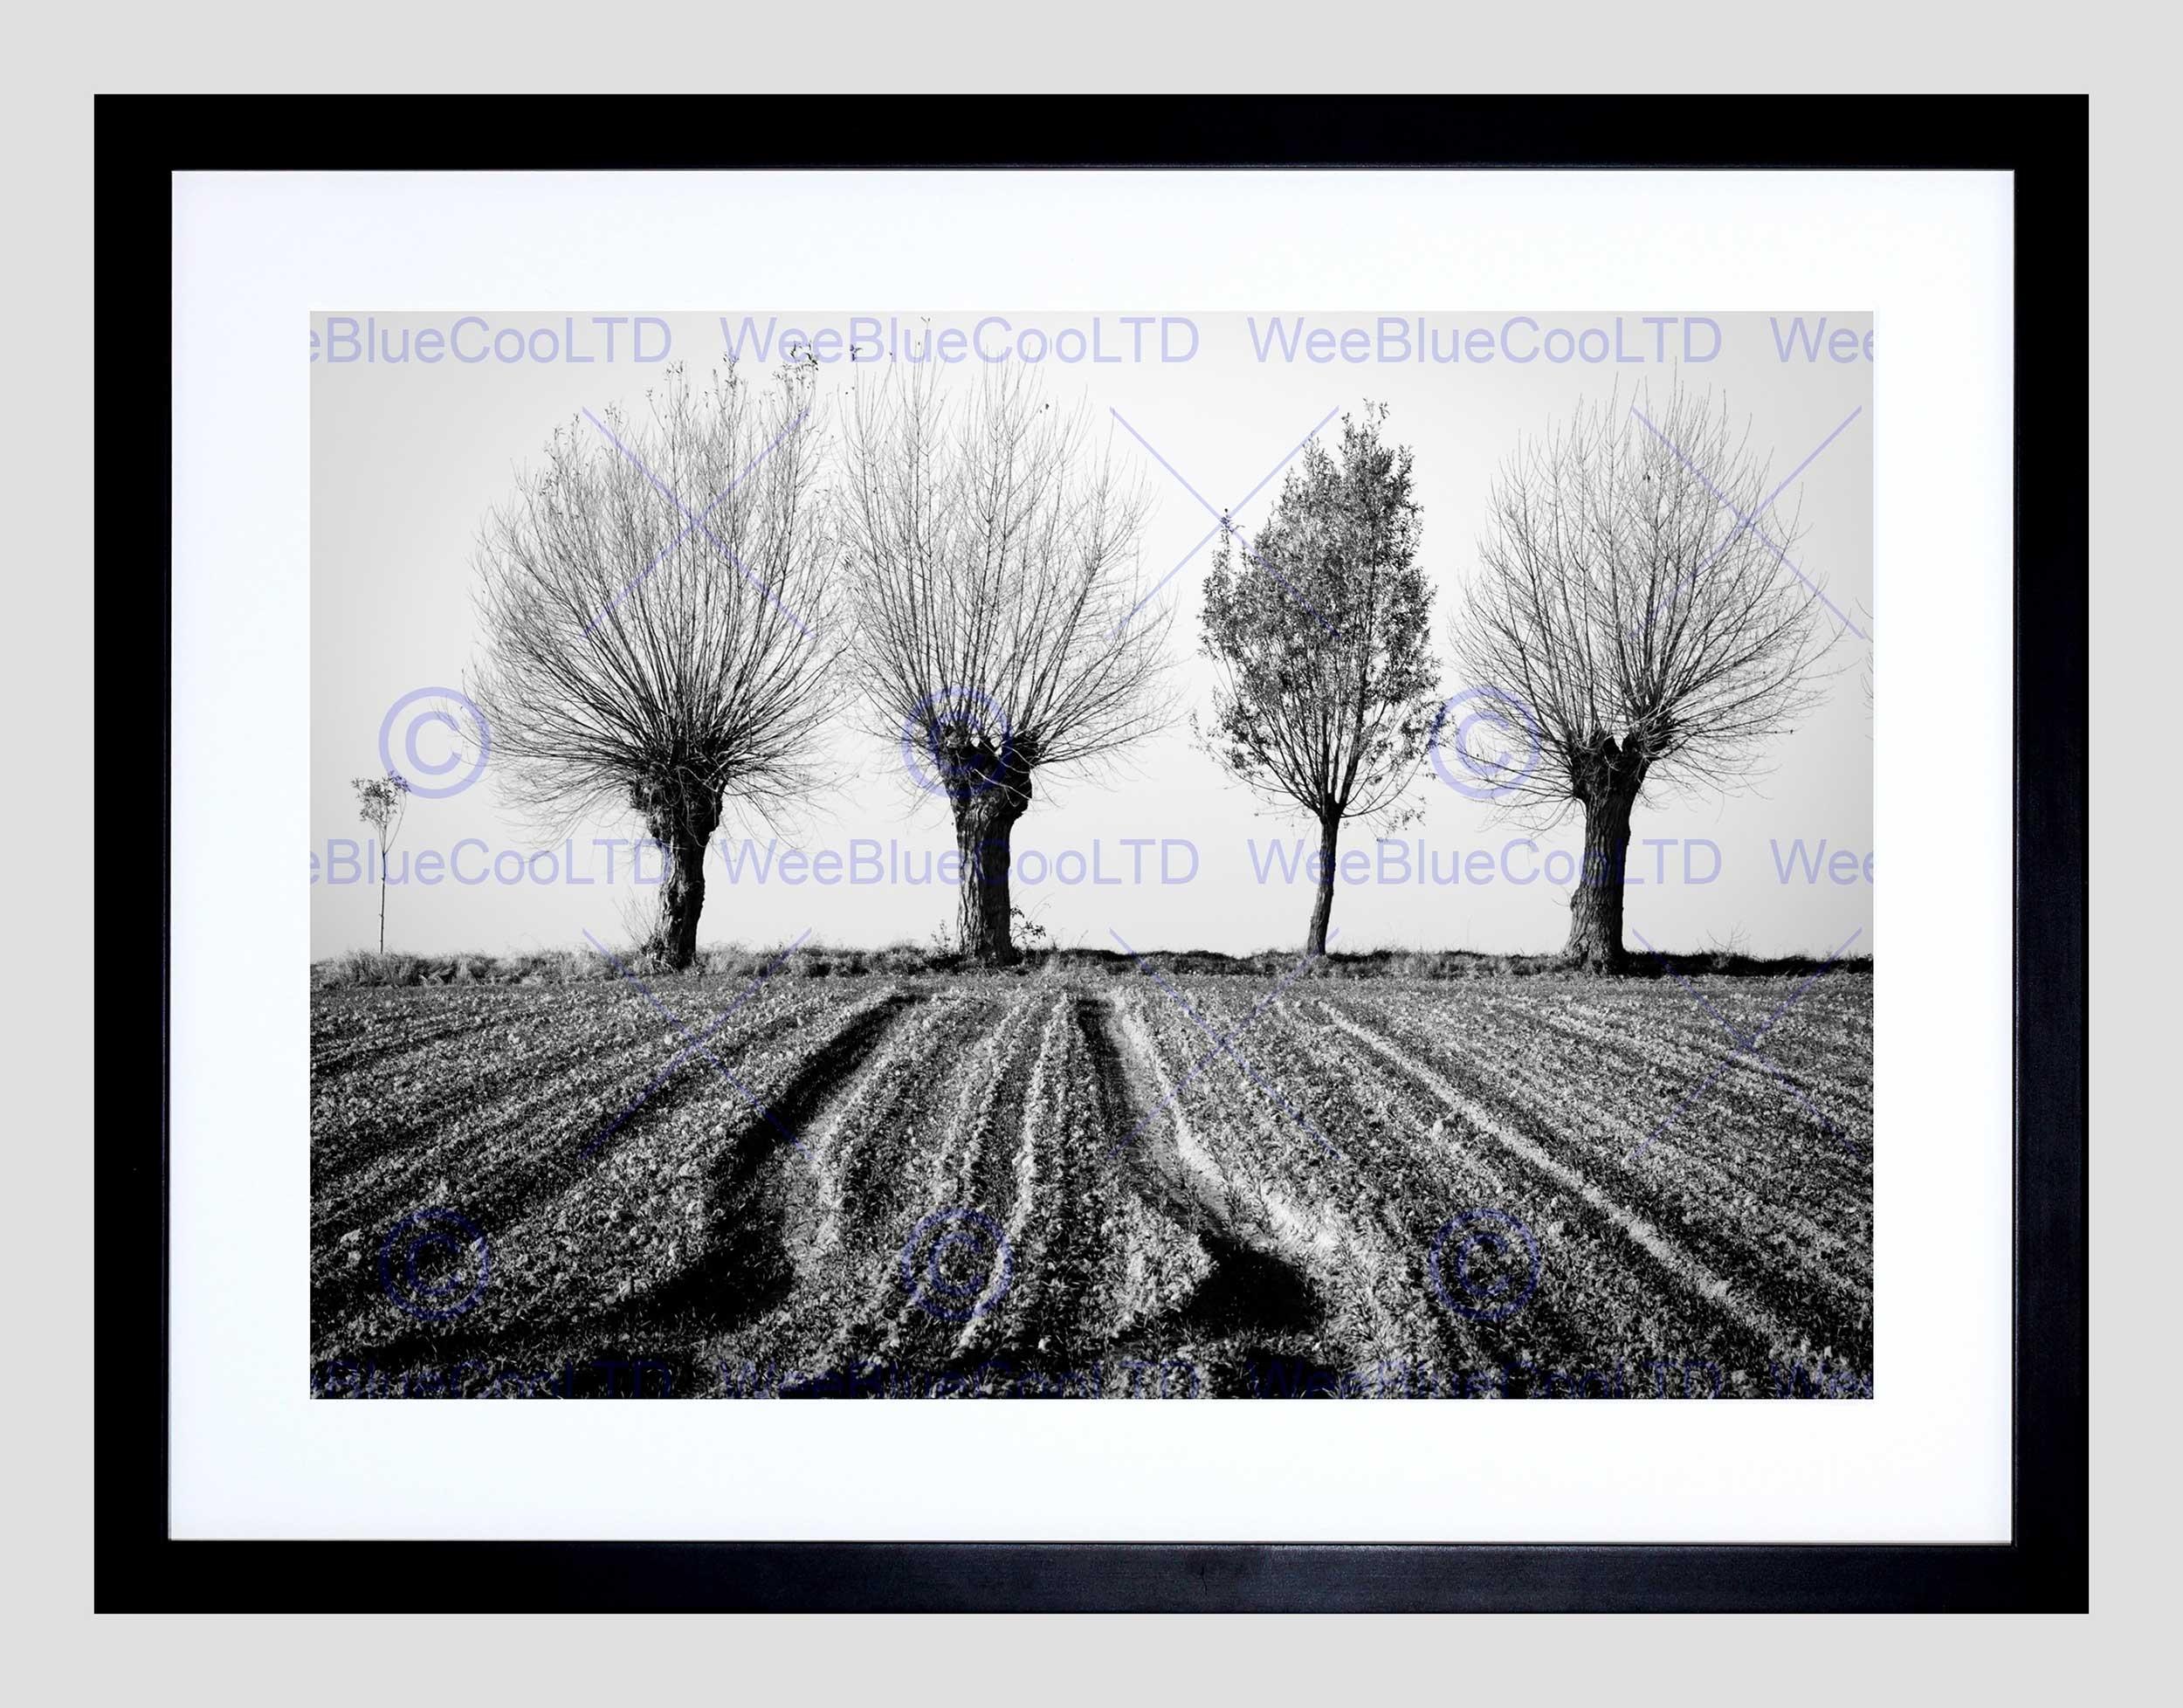 Trees Horizon Black White Black Frame Framed Art Print Picture For Recent Black And White Framed Art Prints (View 5 of 15)